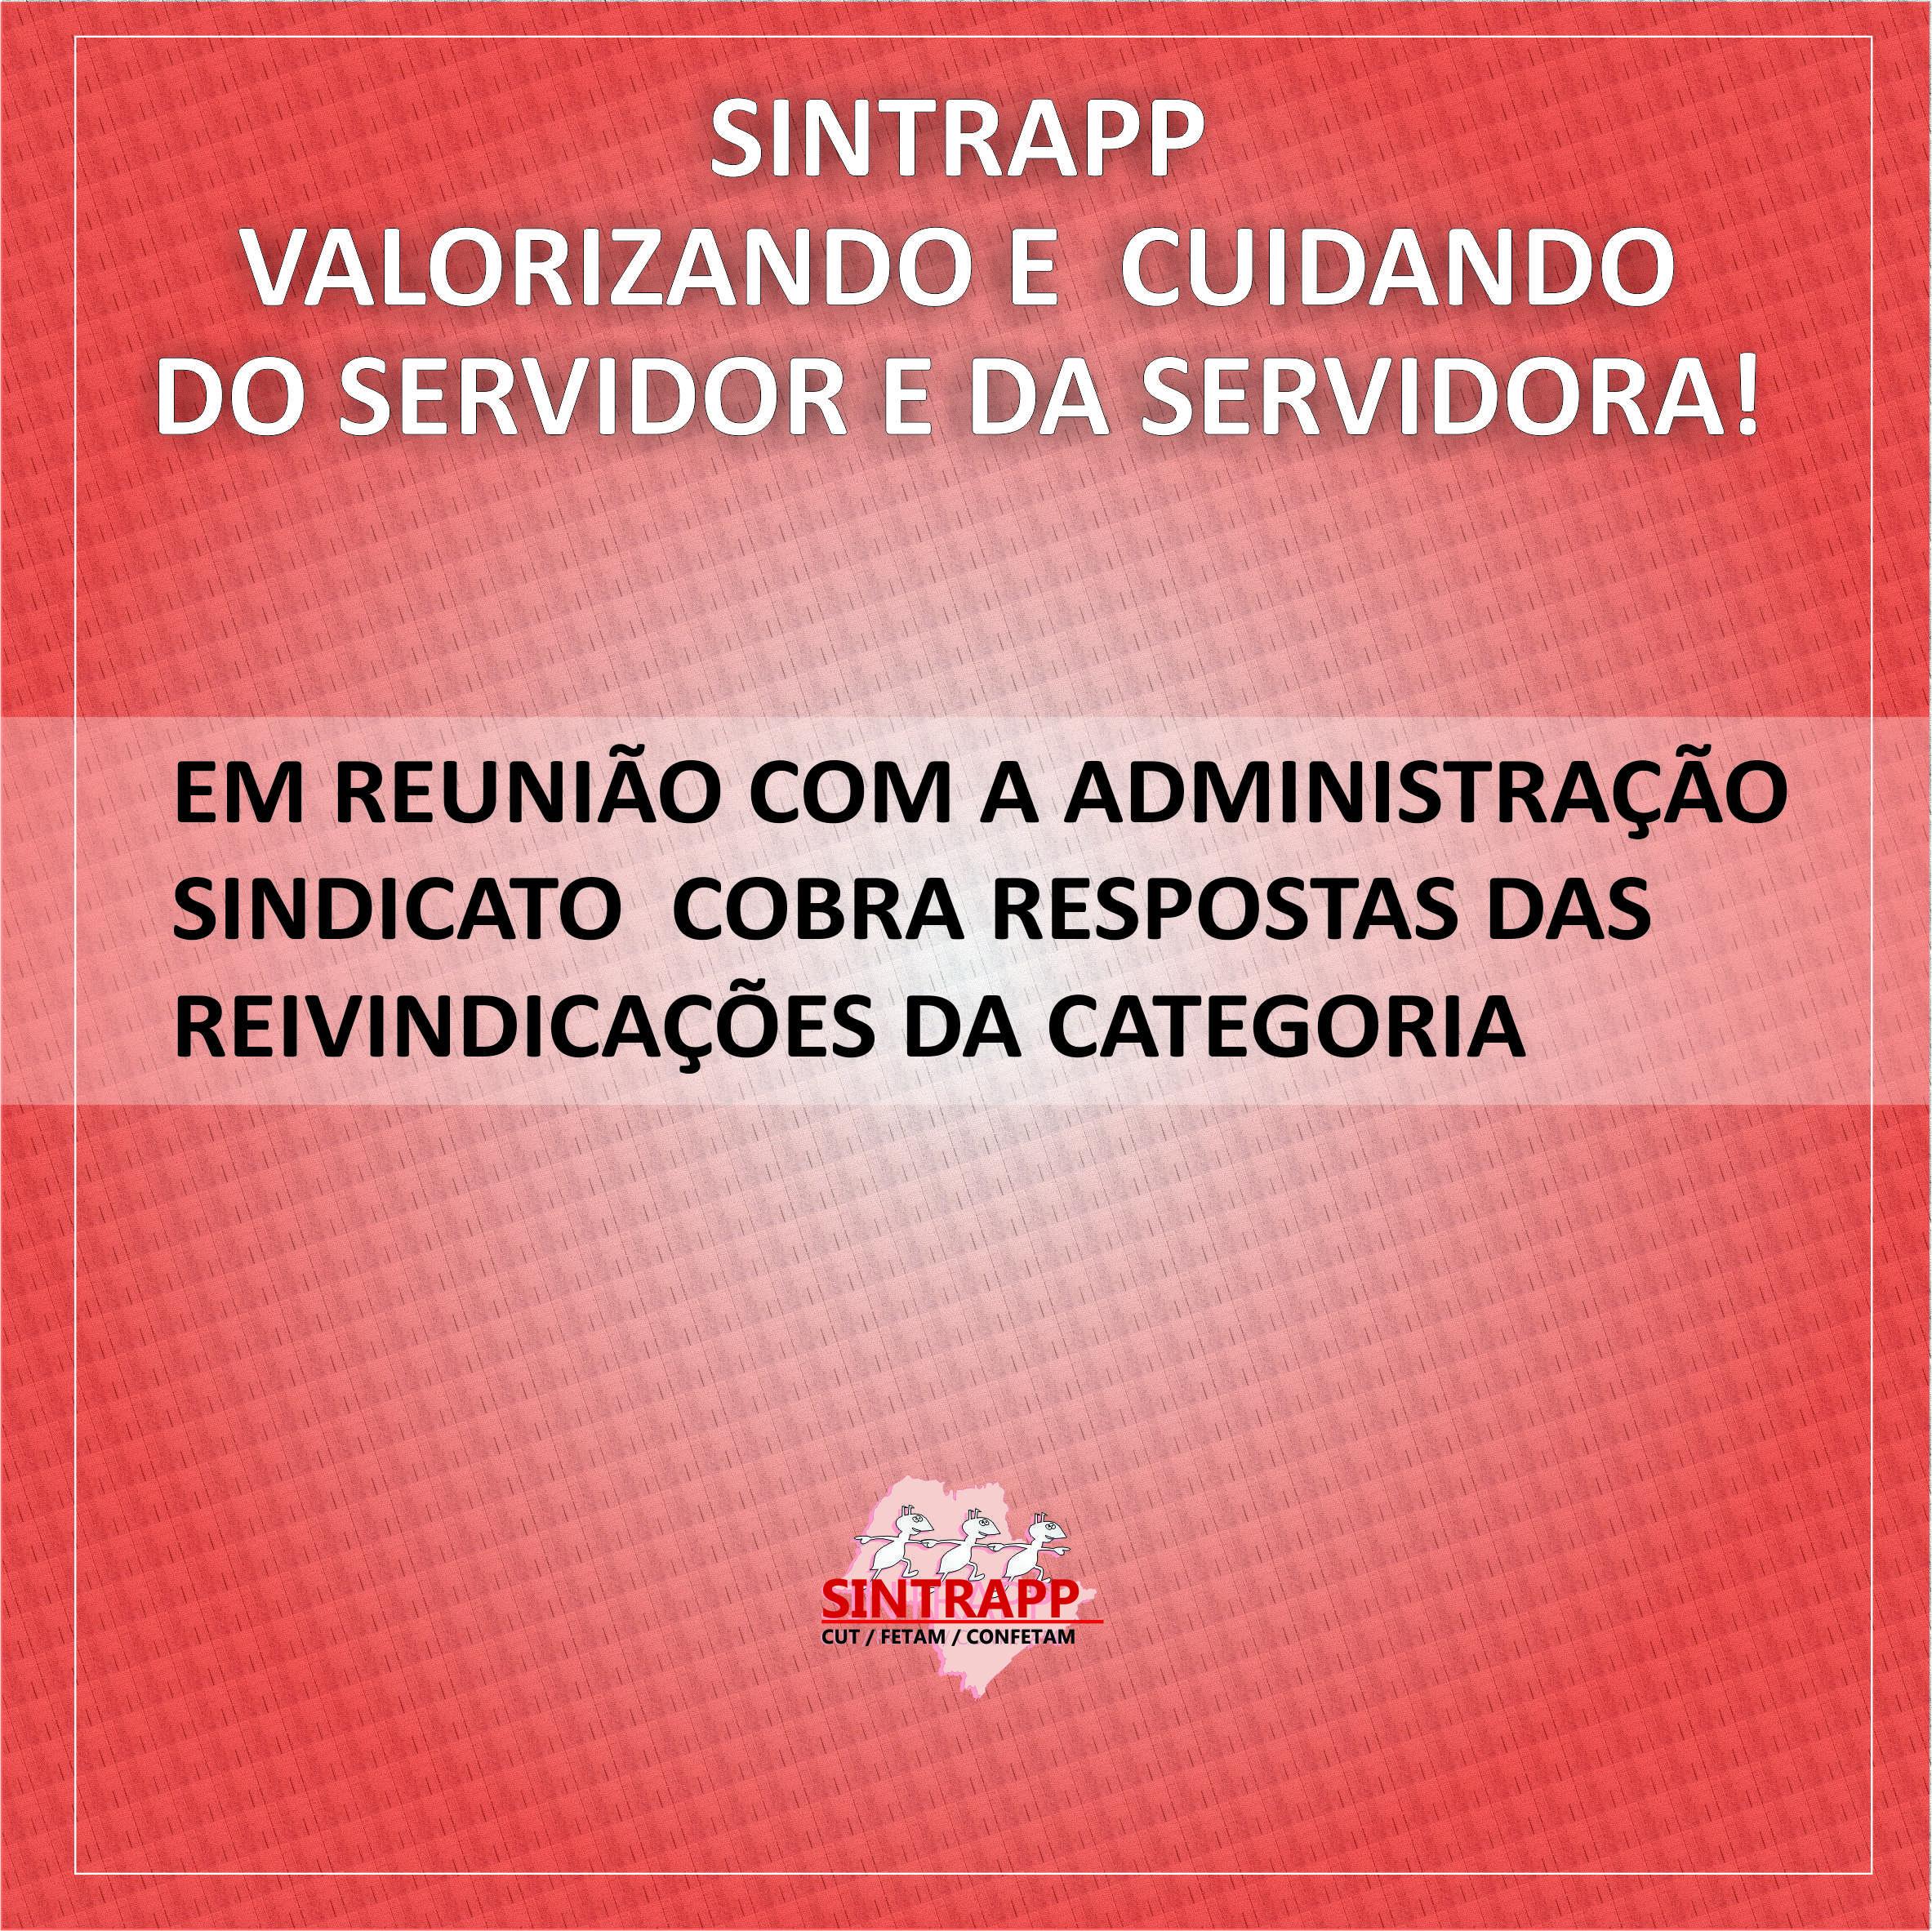 Sintrapp se reúne com administração para verificar demandas dos Servidores e Servidoras.